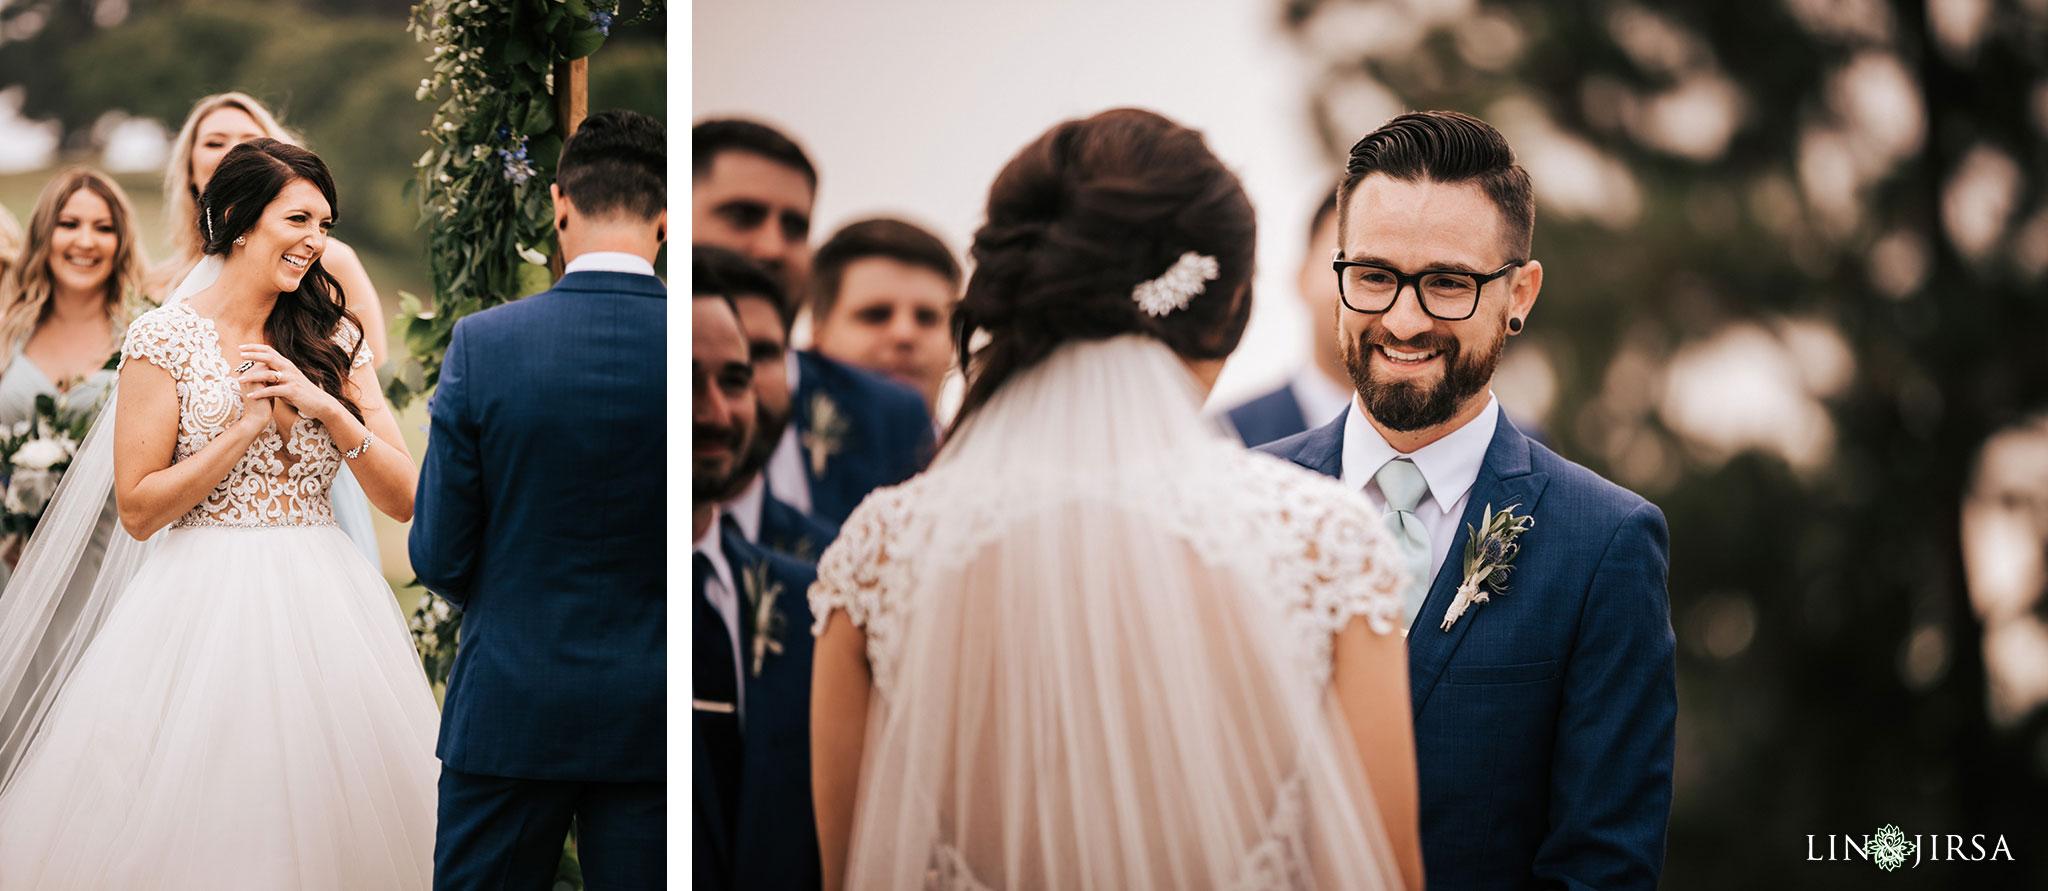 027 los verdes golf course wedding ceremony photography